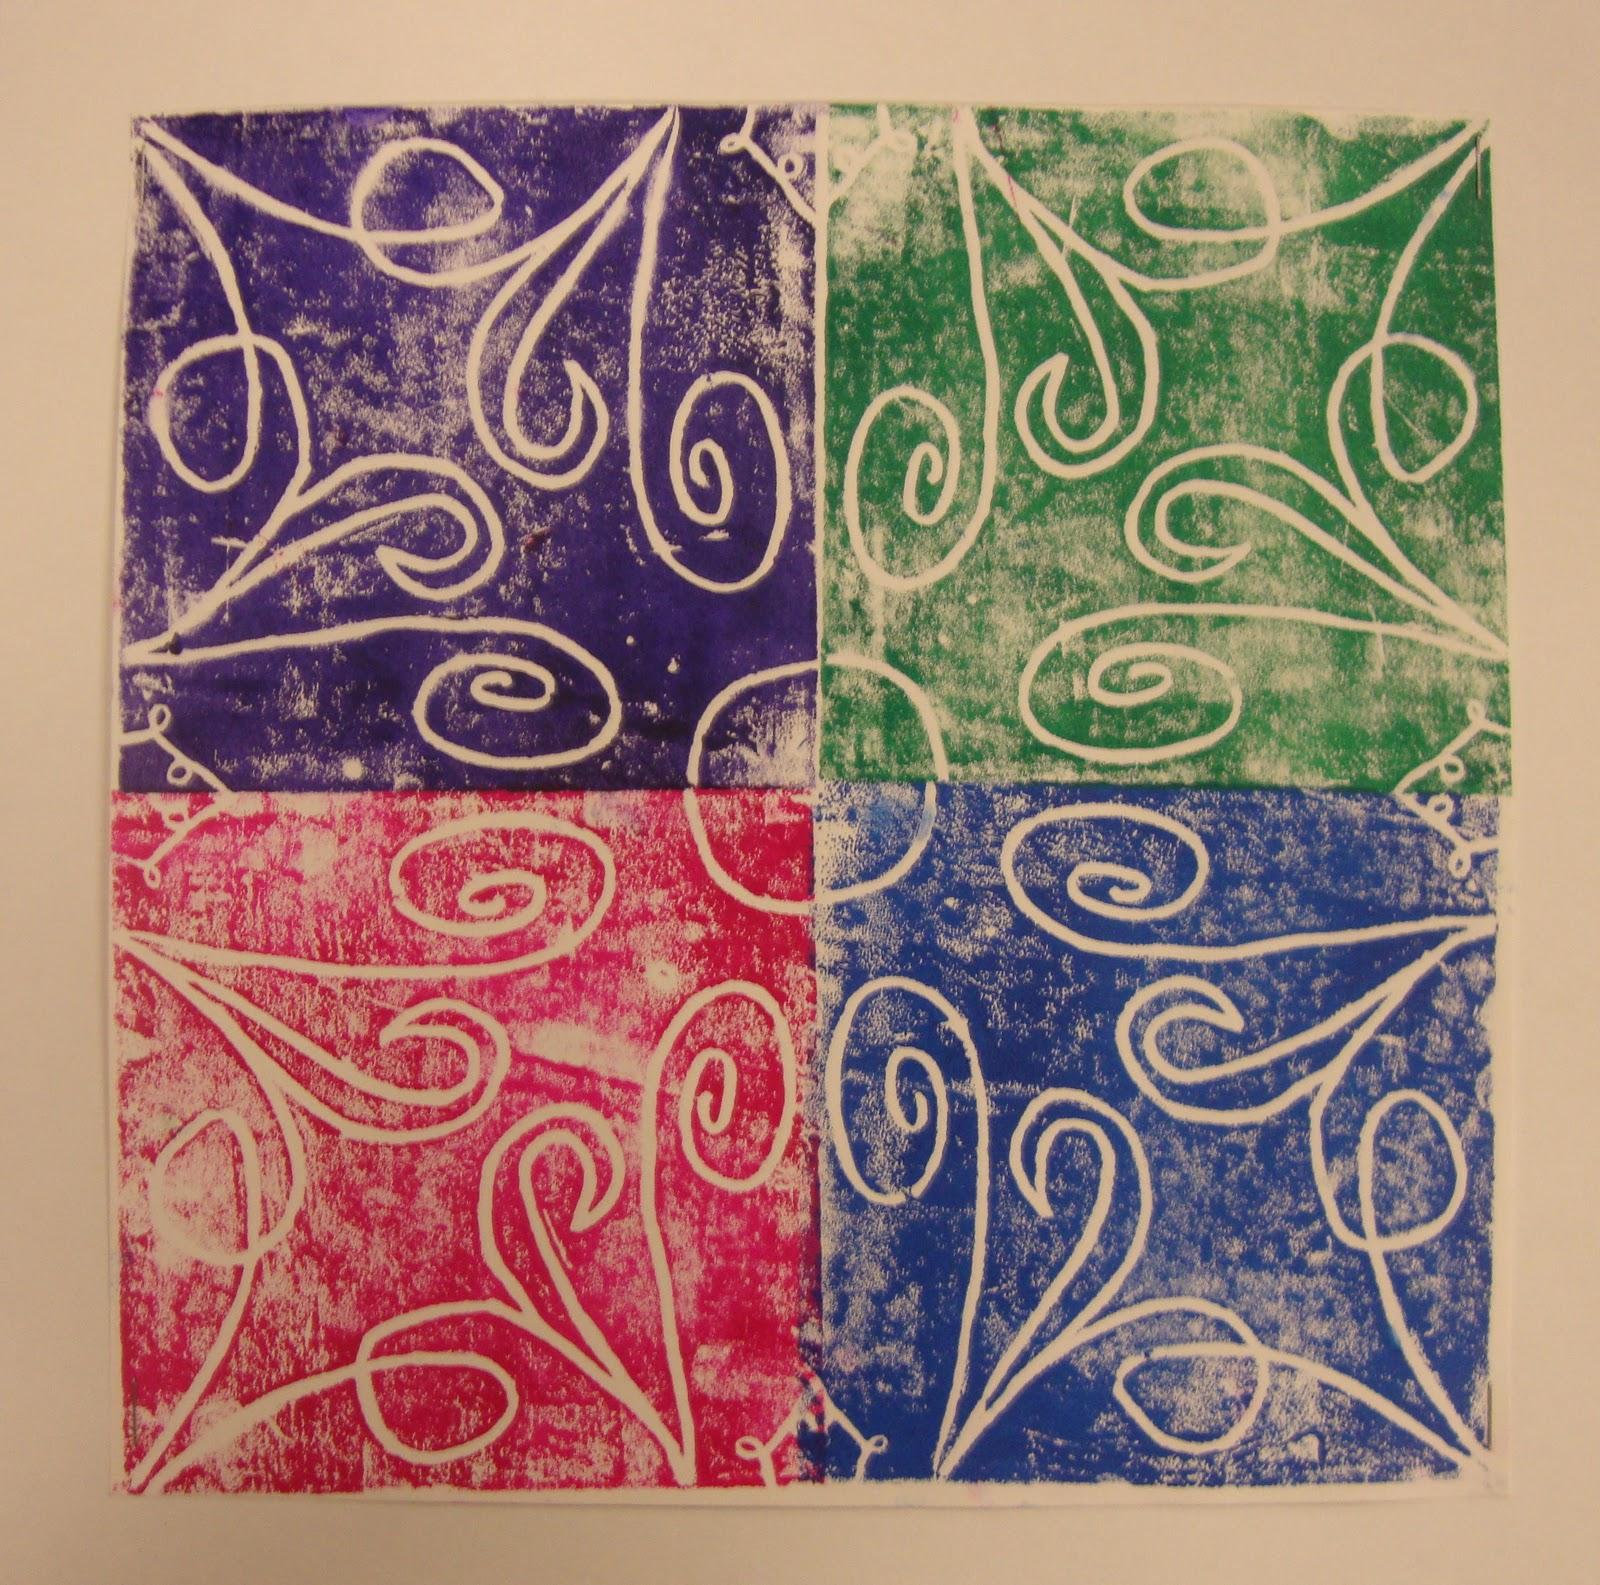 Styrofoam Art Projects For Kids